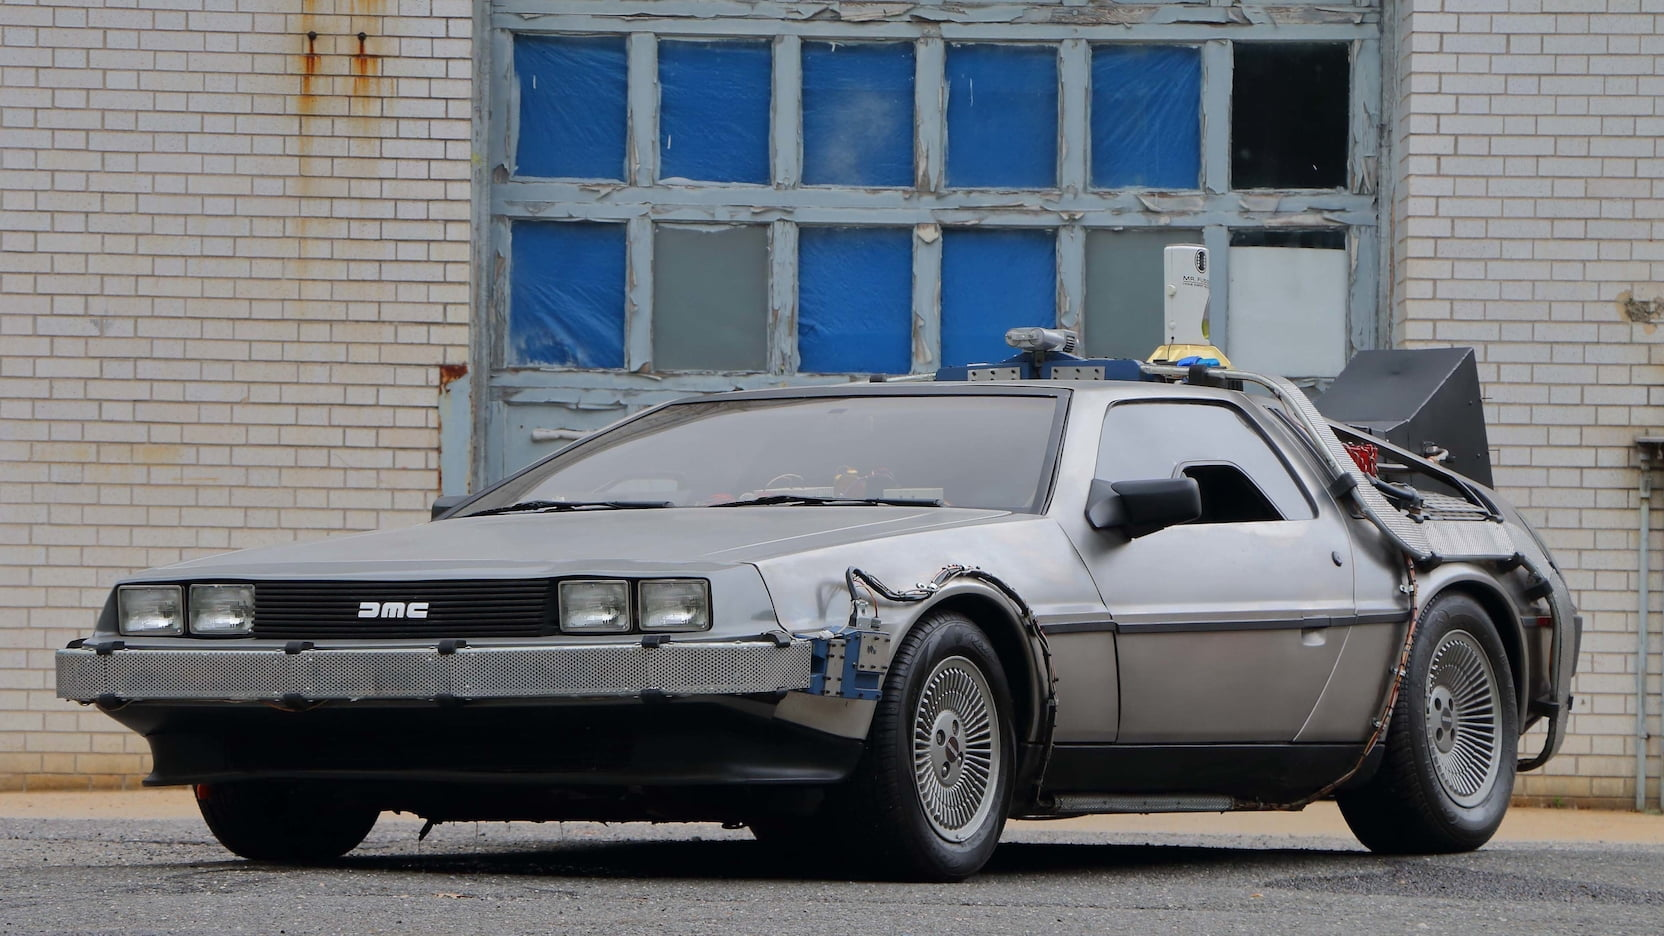 1981 DeLorean DMC-12 copy